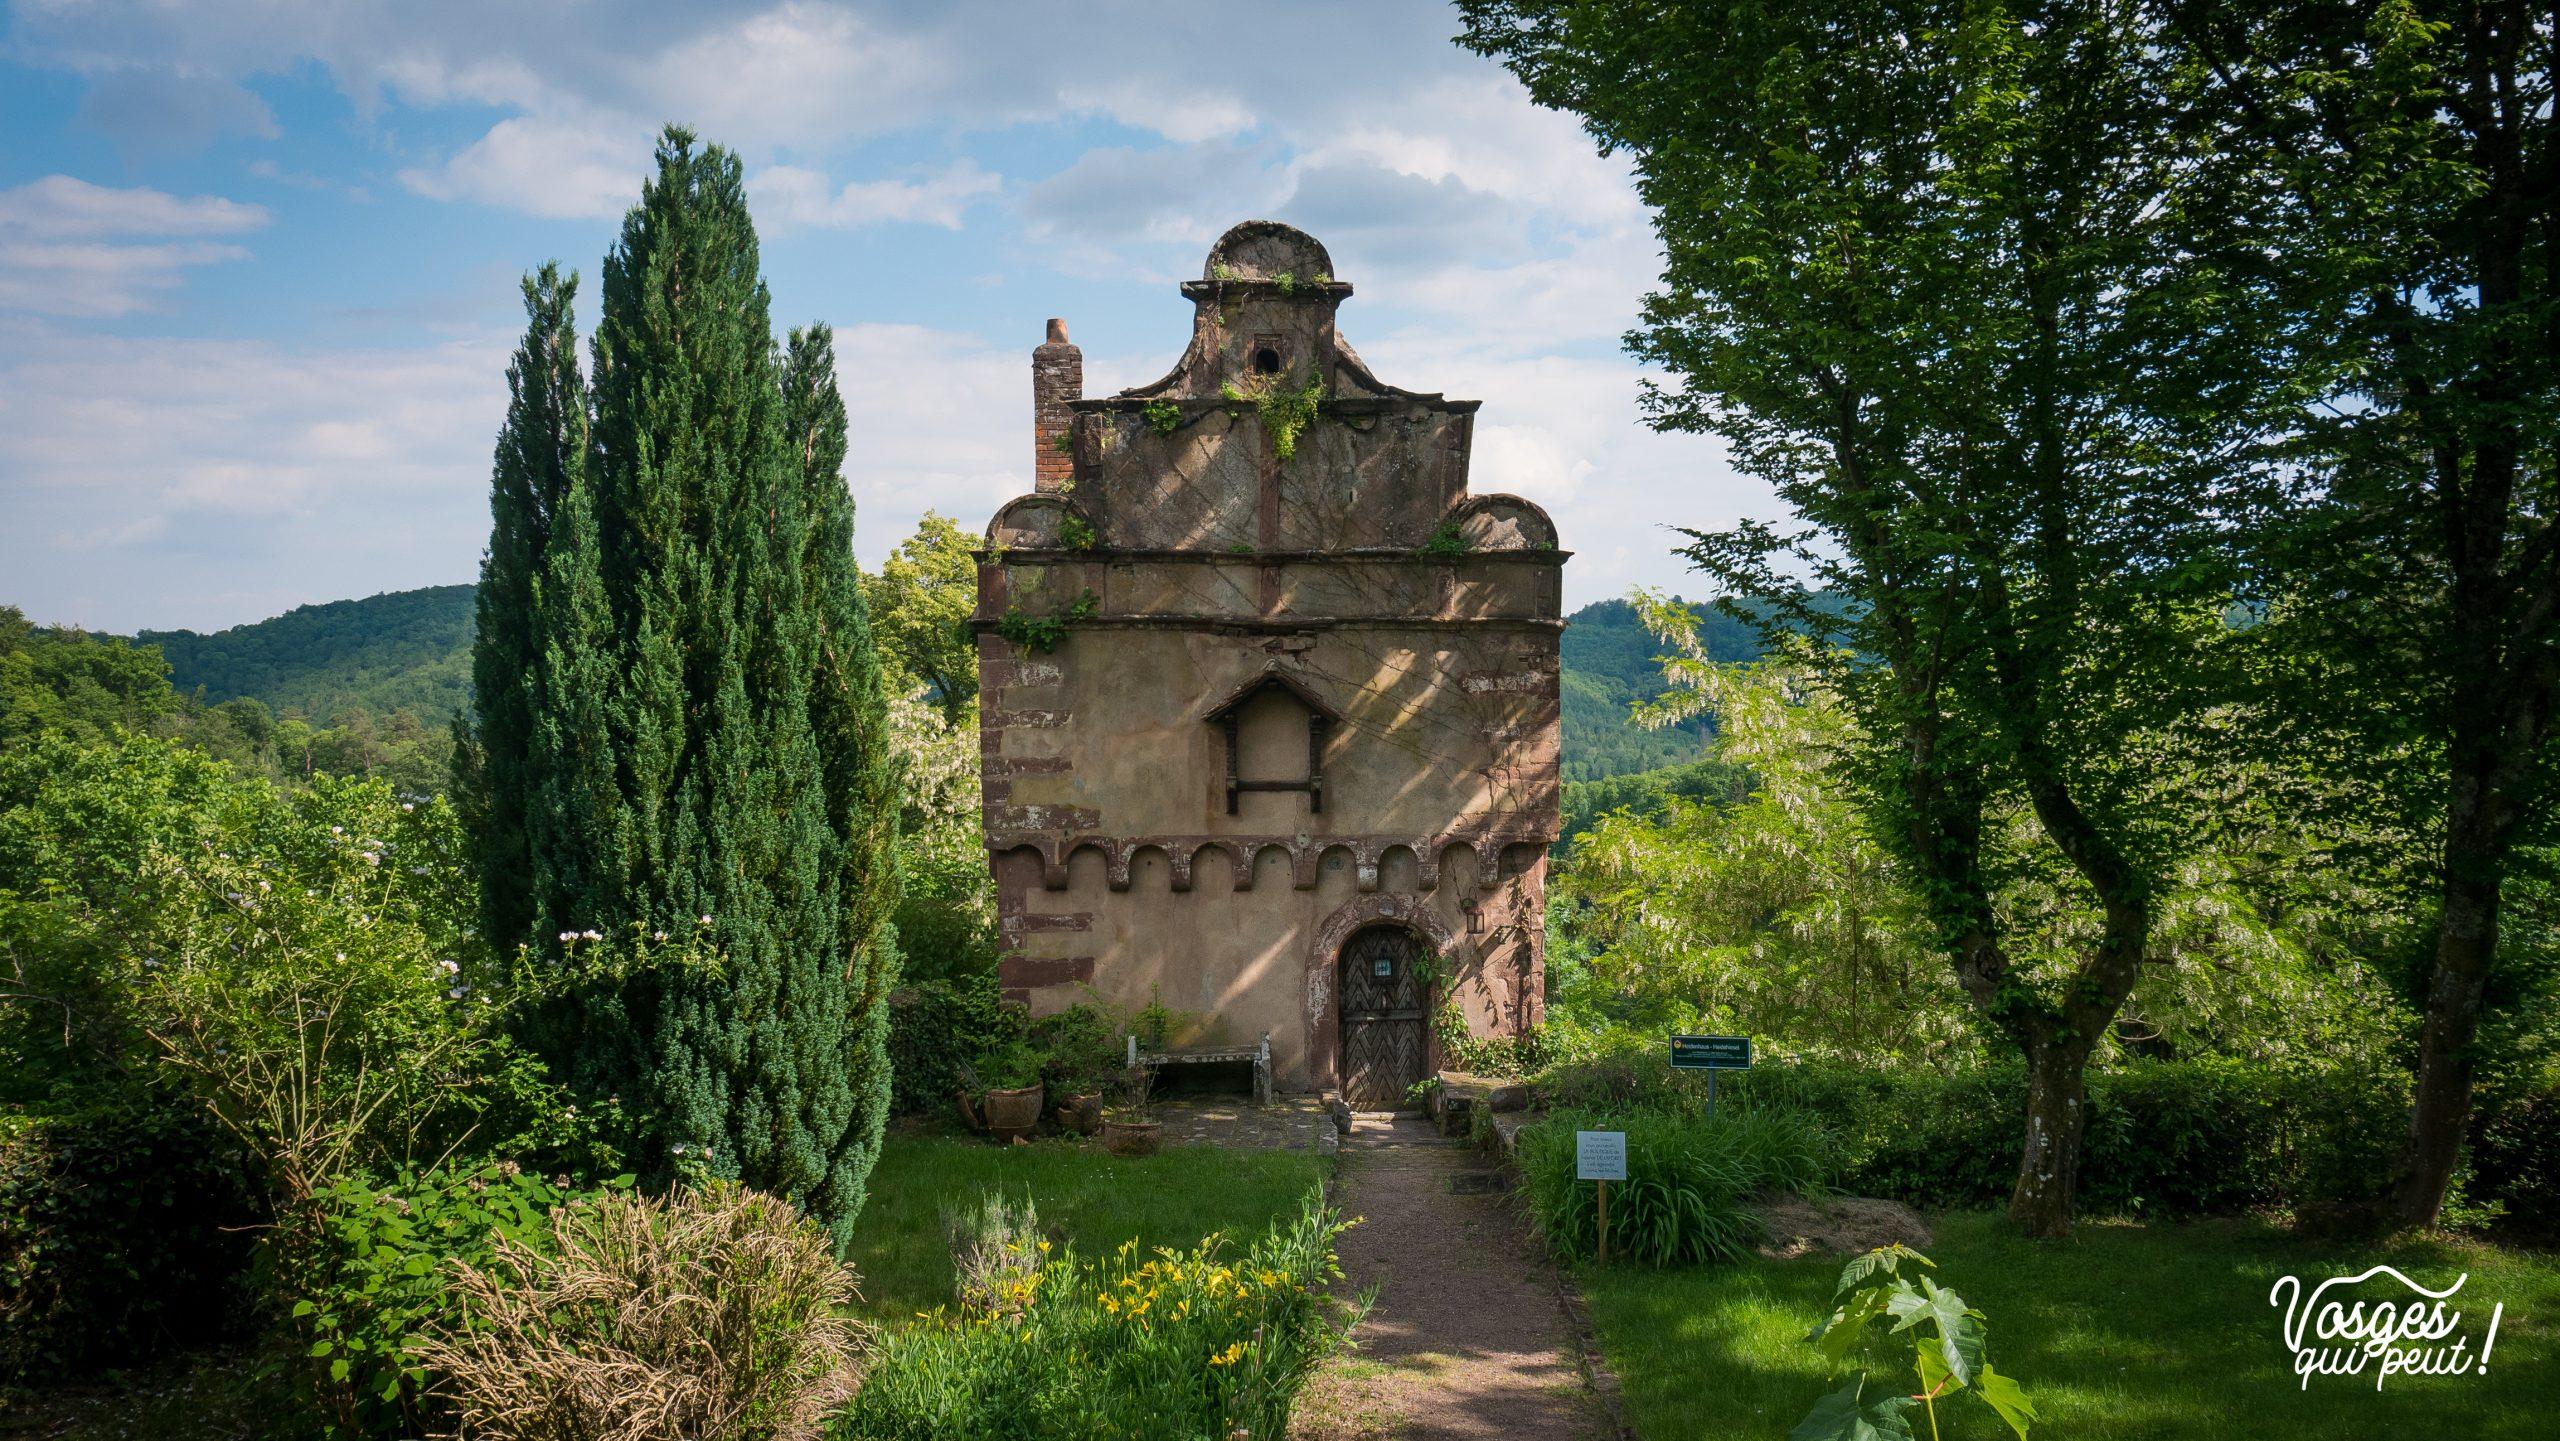 La Maison des Païens dans la ville de La Petite Pierre en Alsace